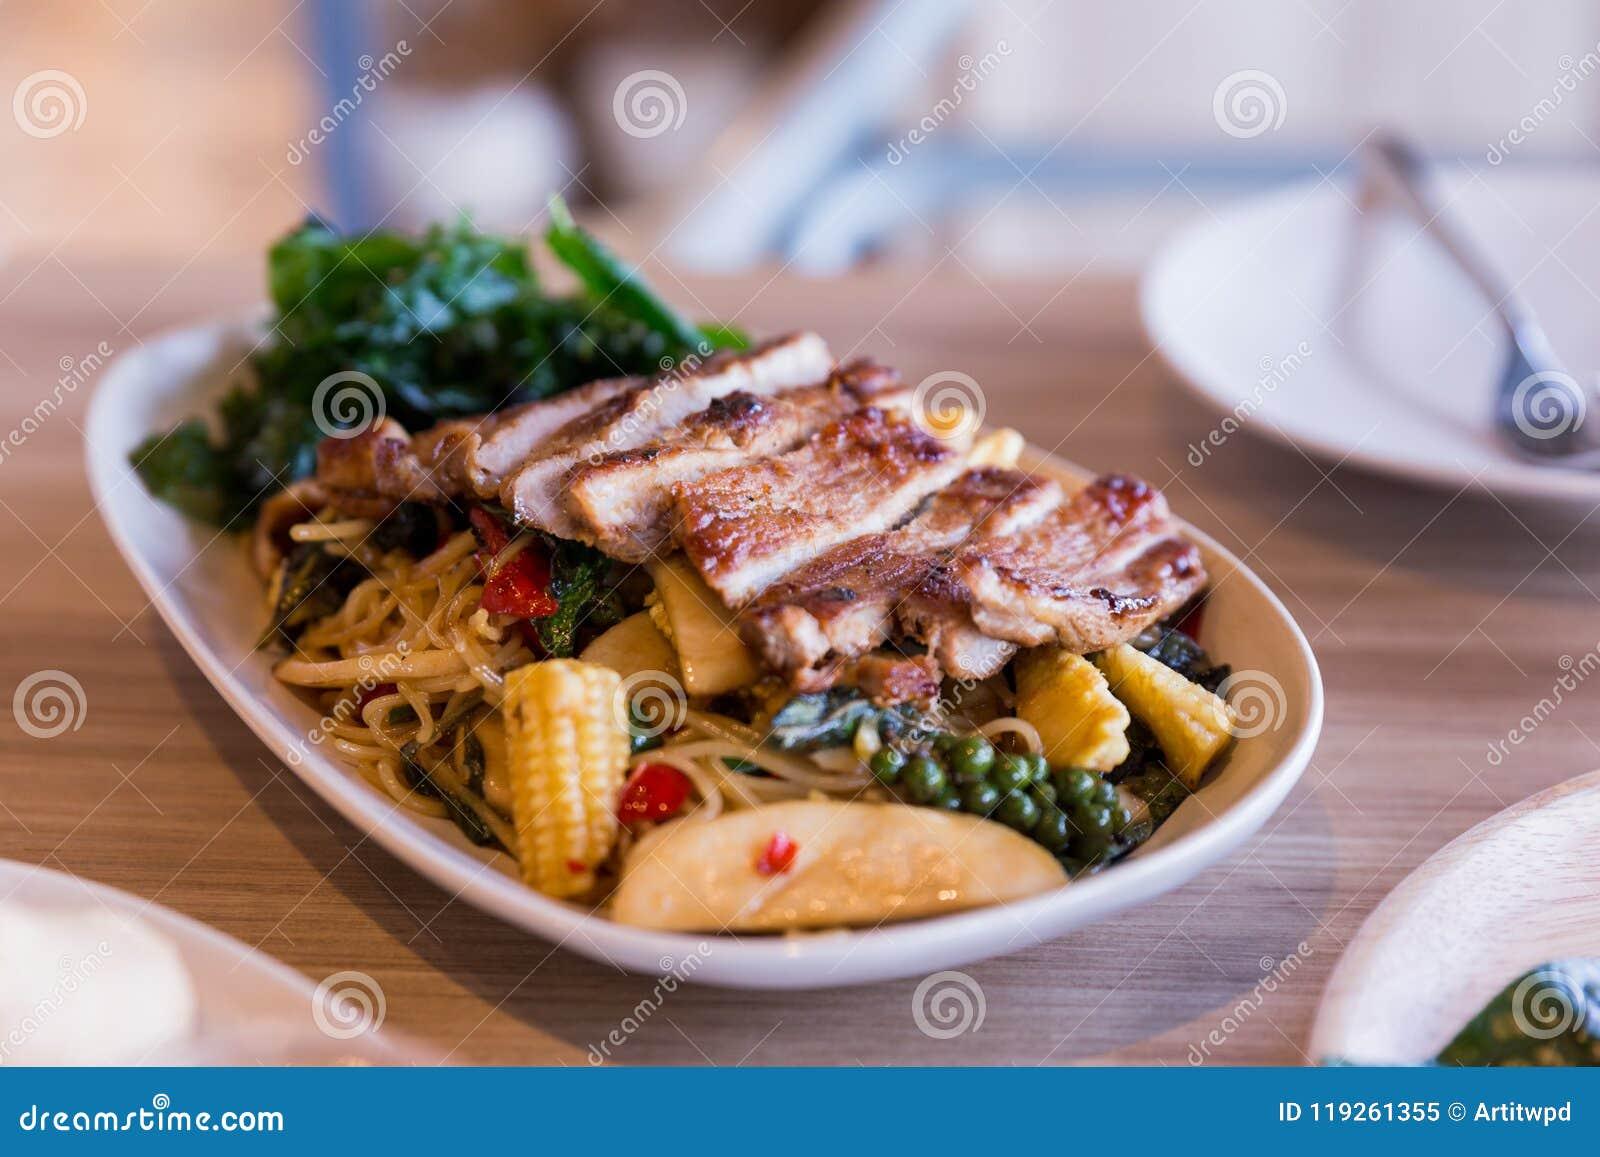 Nouilles ivres : La nouille d oeuf au plat épicée avec le basilic et le poivre a servi avec du porc grillé